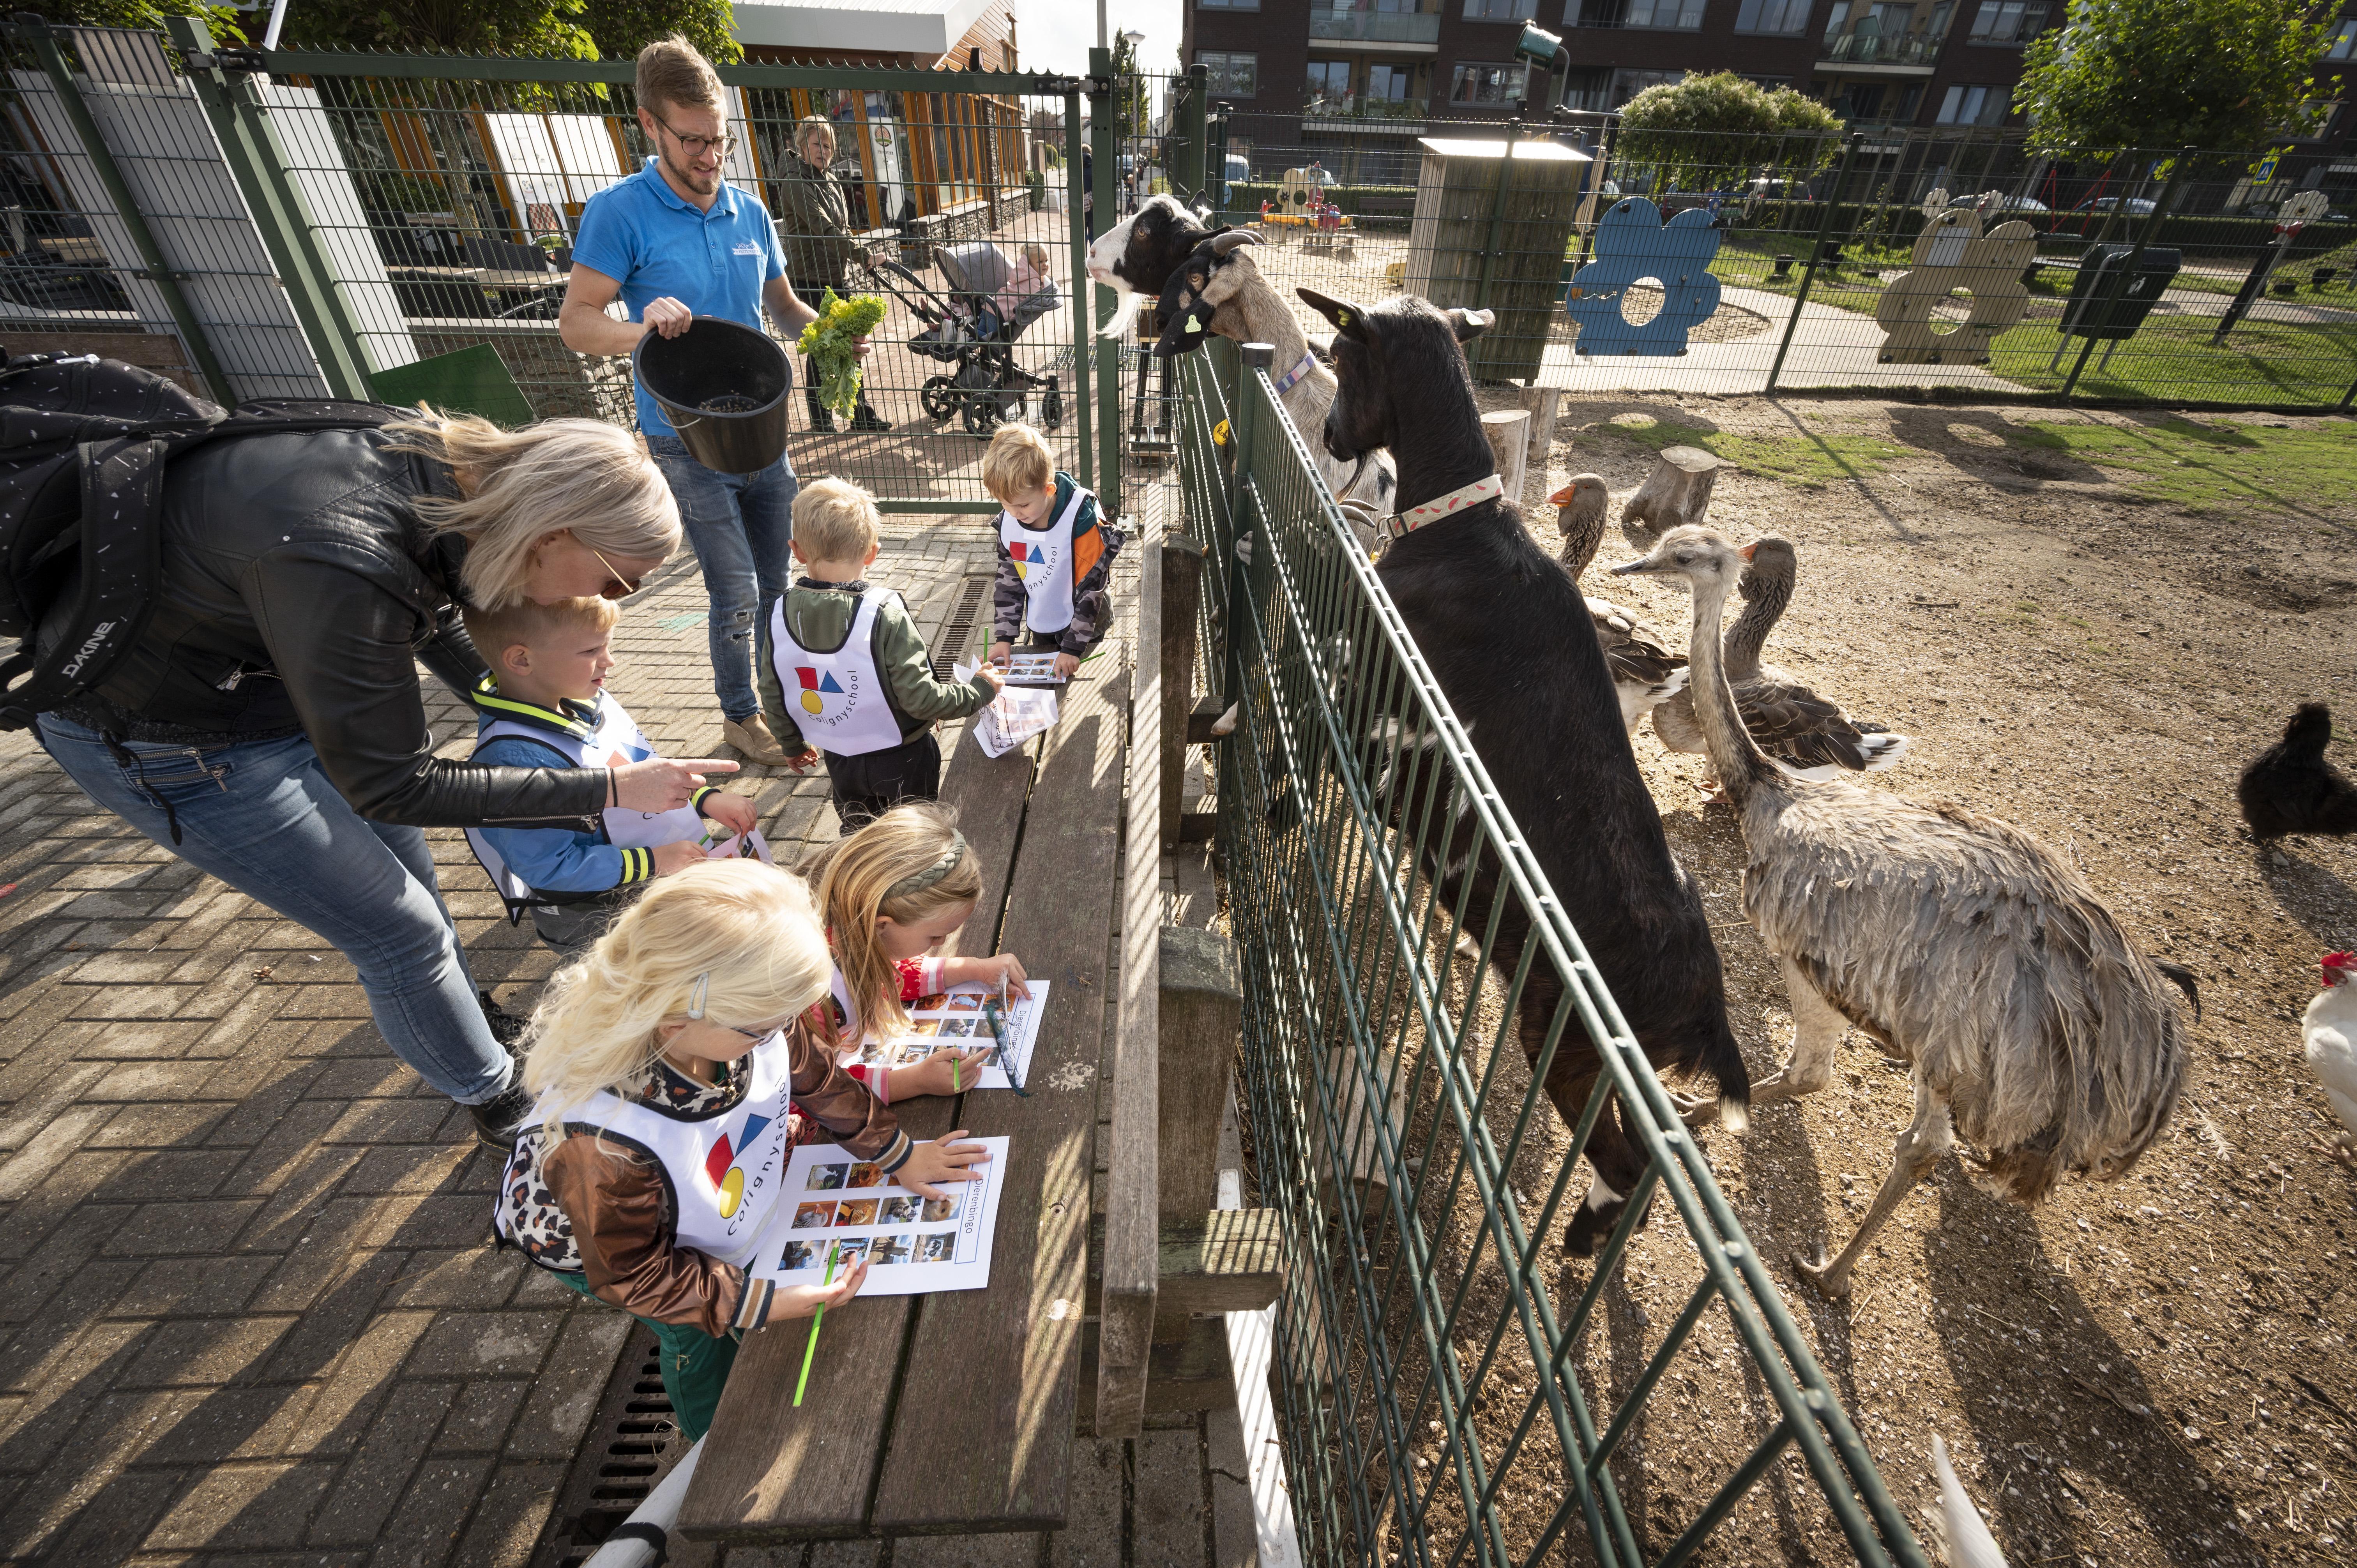 Bijna wegbezuinigde Rijnsburgse dierenweide Westerweide redt het nu grotendeels op eigen kracht: 'Het dorp heeft zich achter ons geschaard'